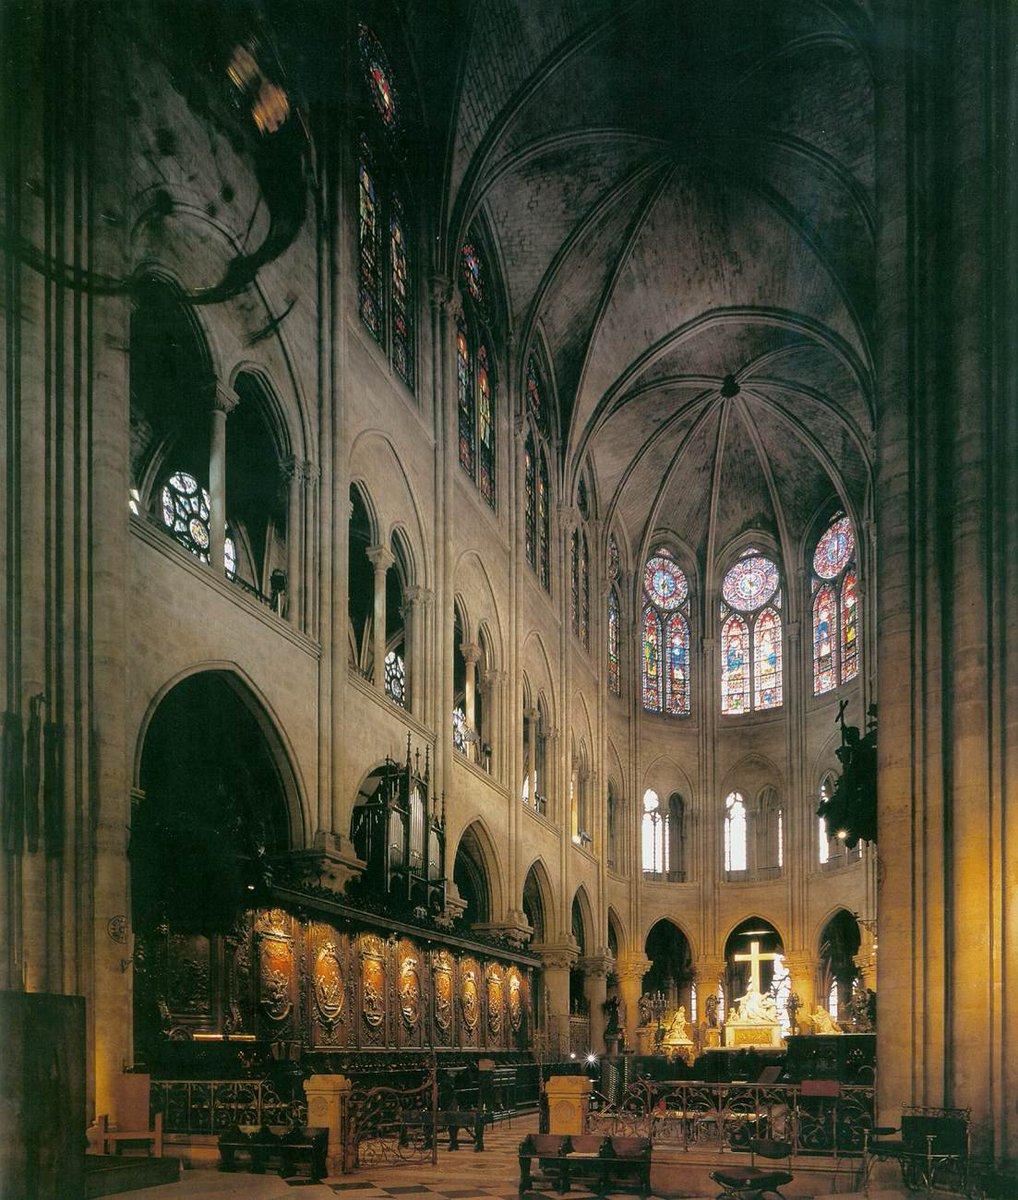 Hilo con algunas de las obras de arte que podrían haberse perdido en el incendio de la catedral de Notre Dame en París.